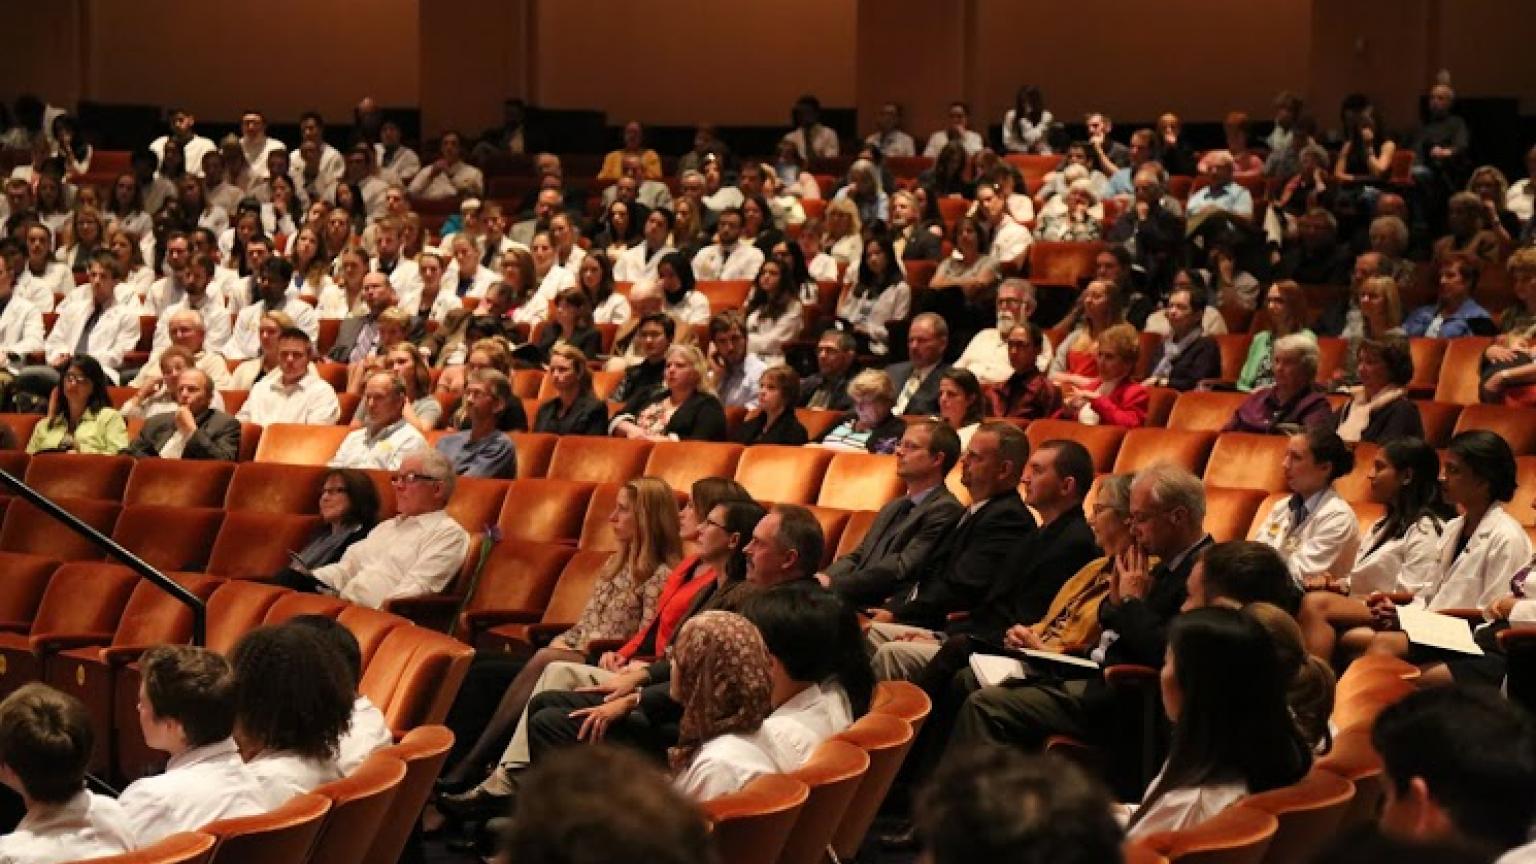 Rackham Auditorium